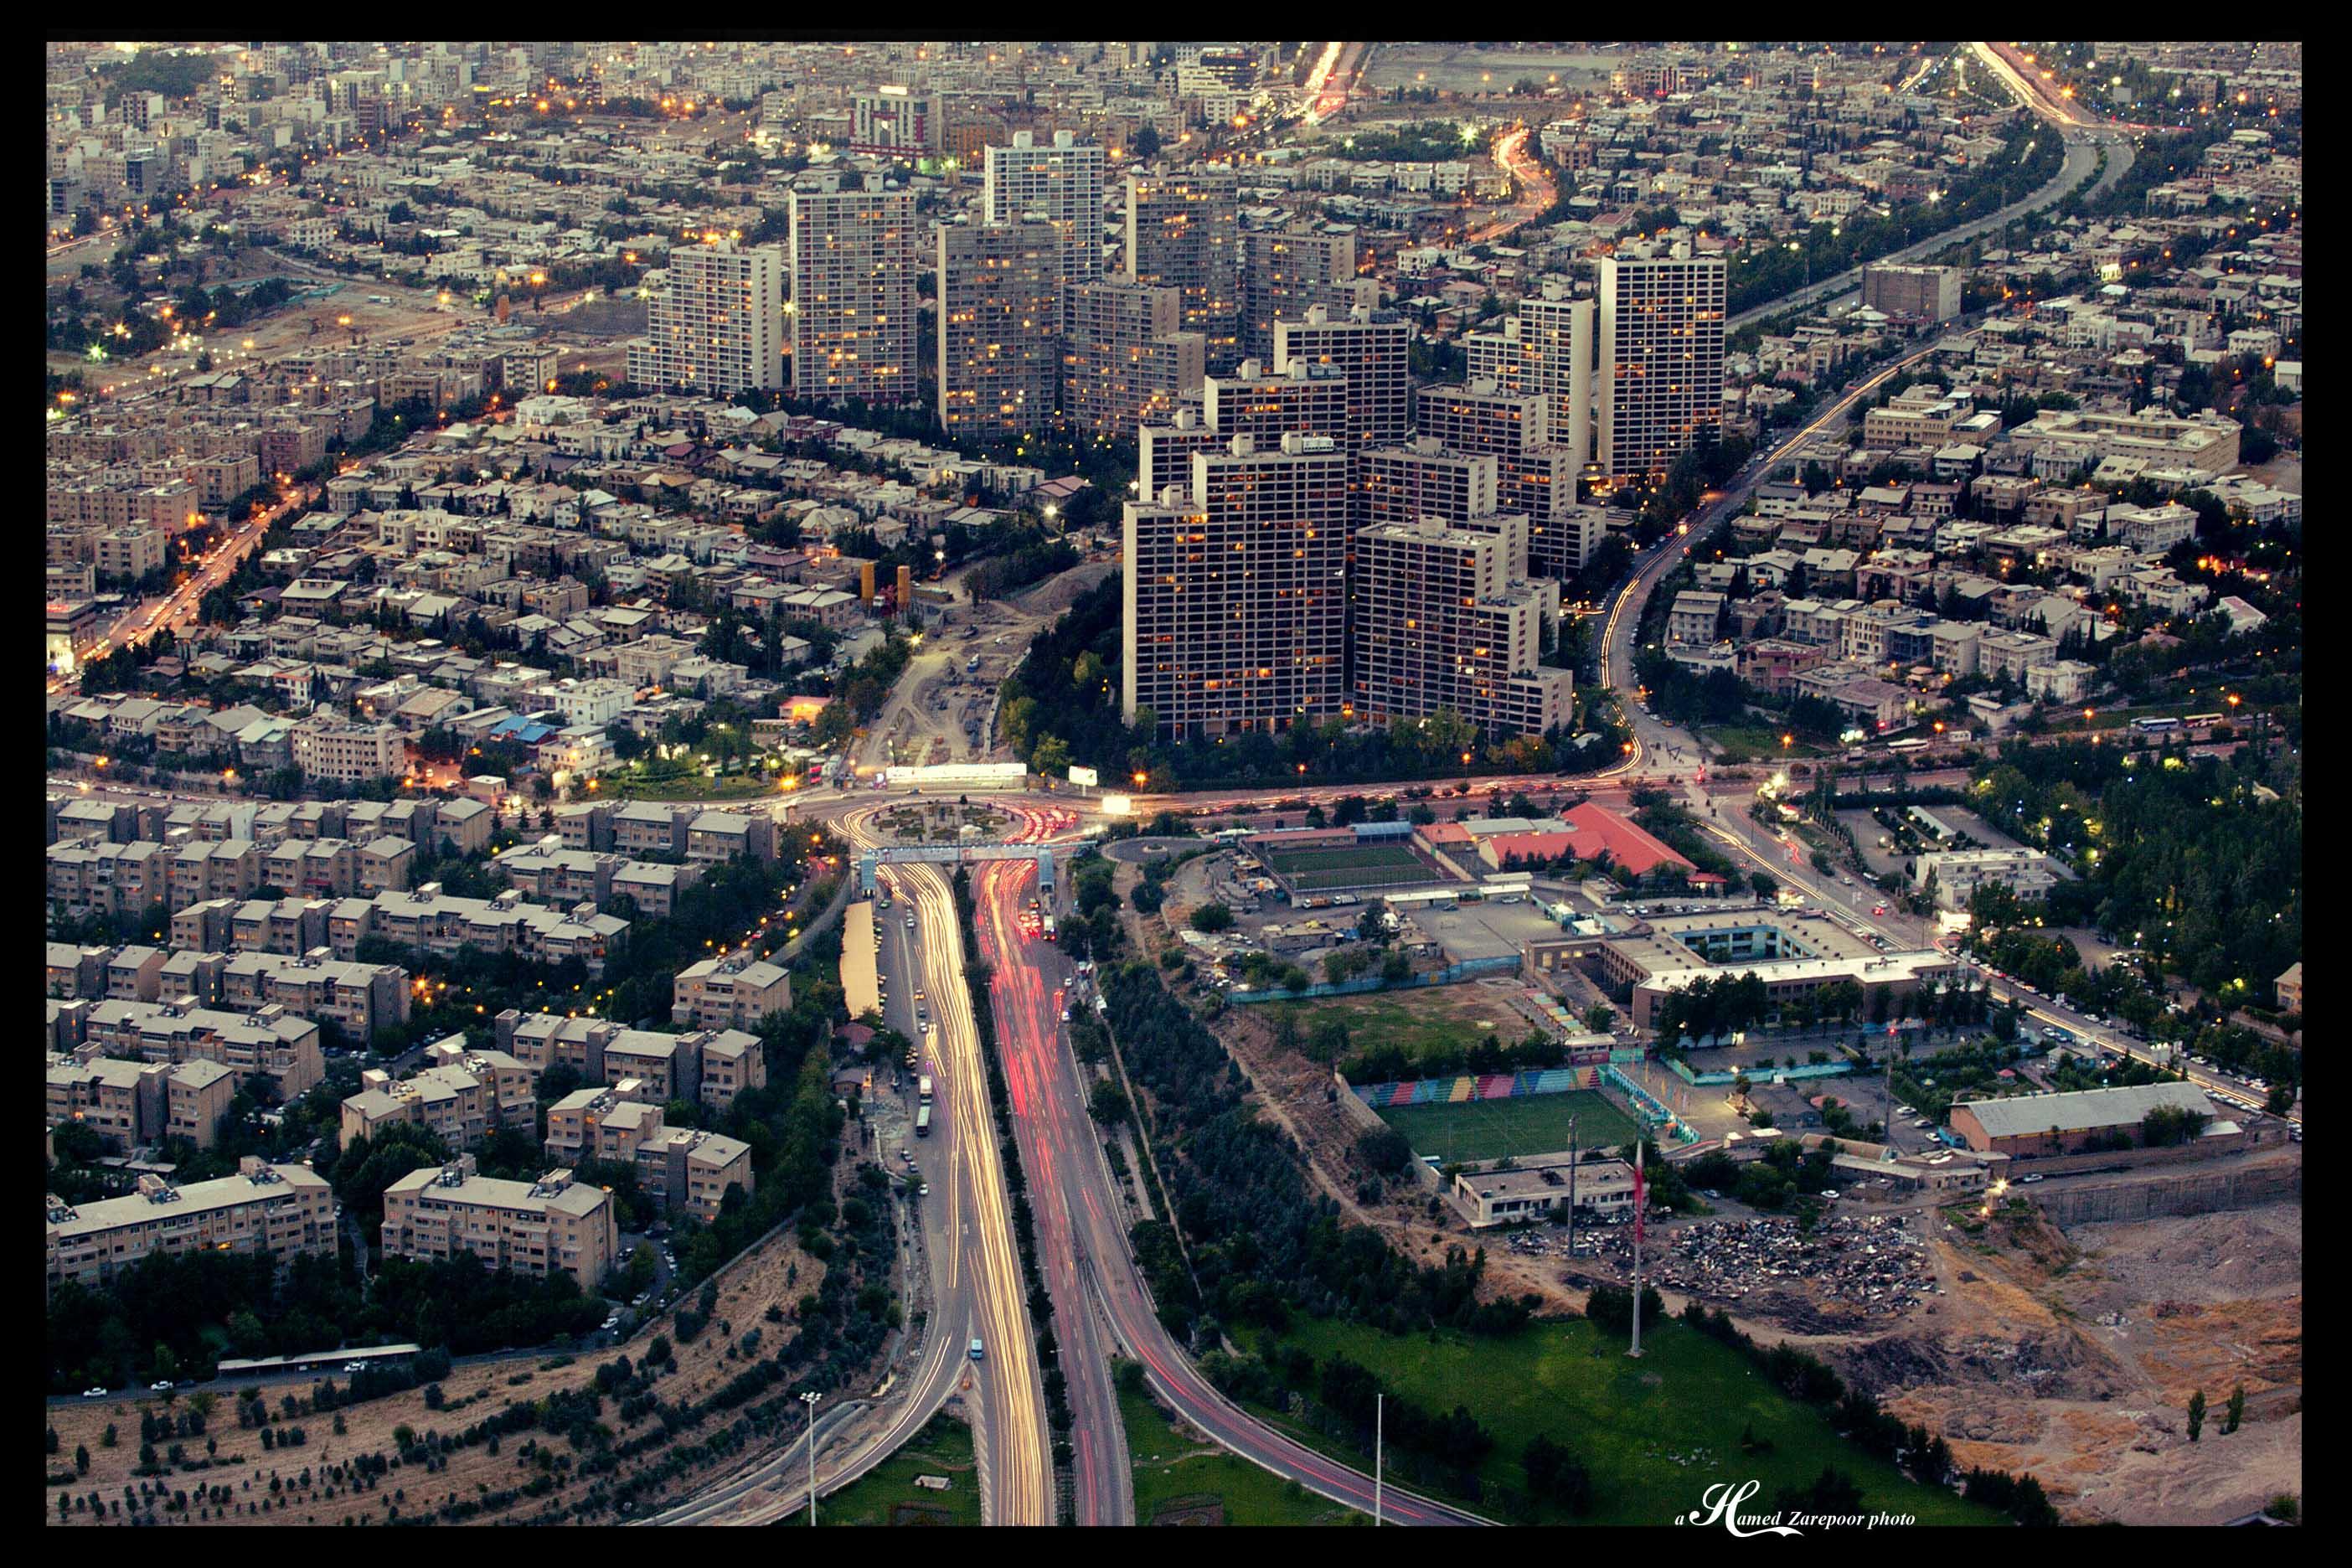 استقبال تهرانیها از طرح تفصیلی